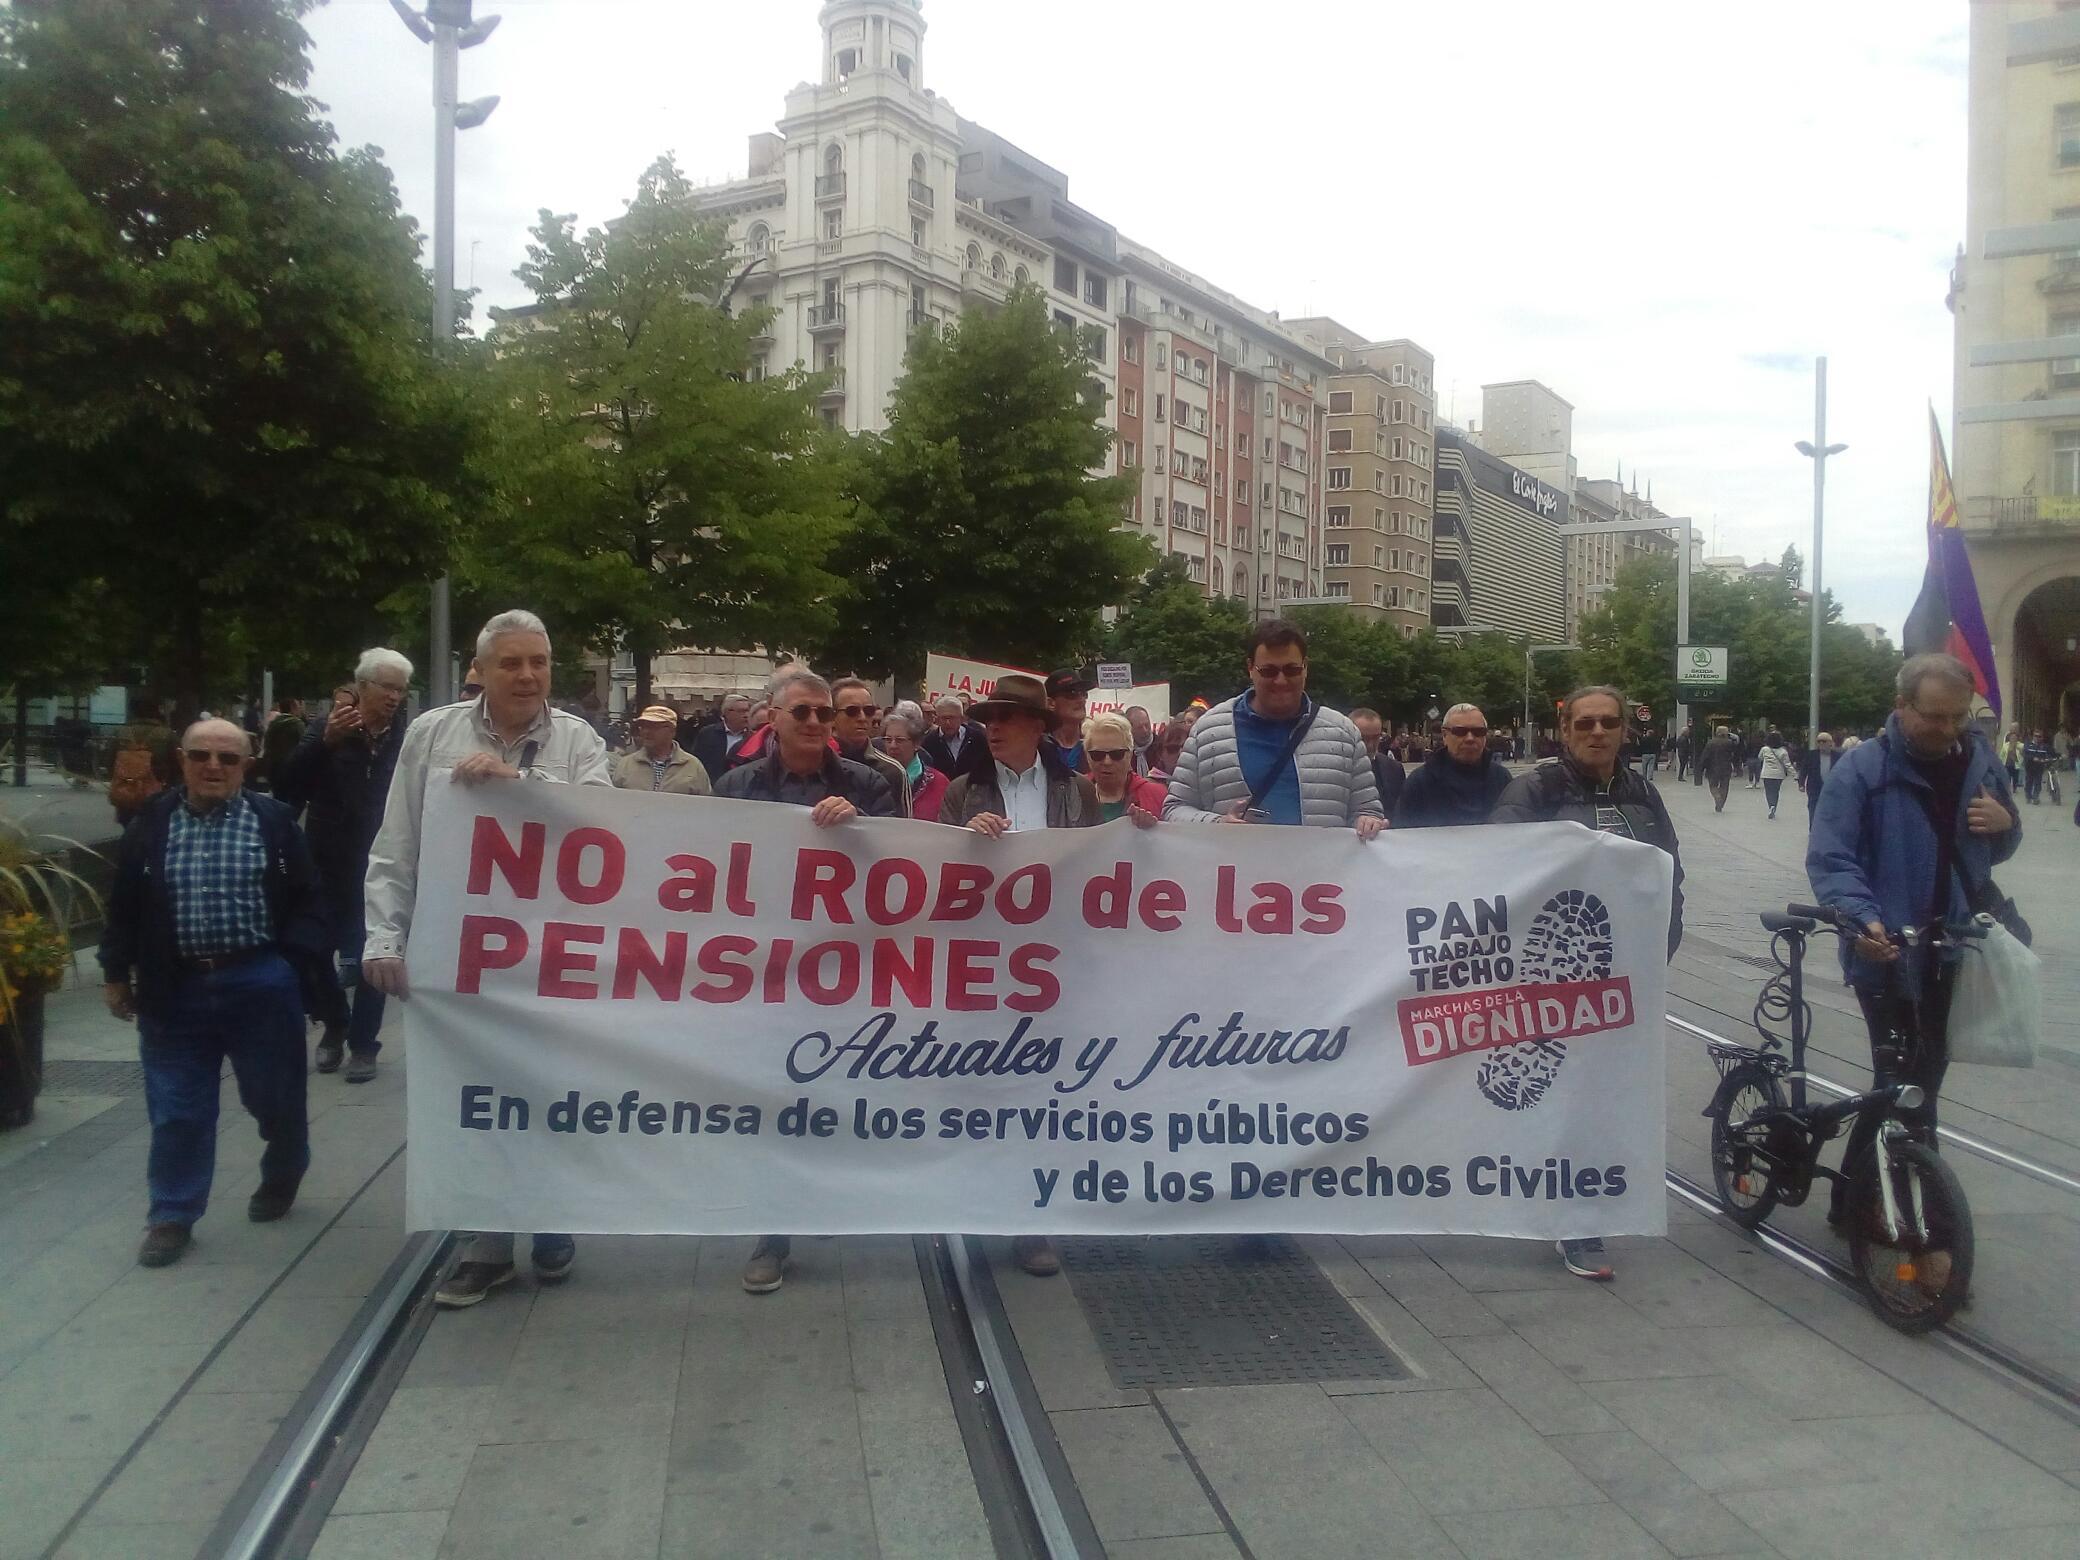 Fotos. Movilizaciones por «No al Robo de las pensiones». 5 de Mayo. Zaragoza